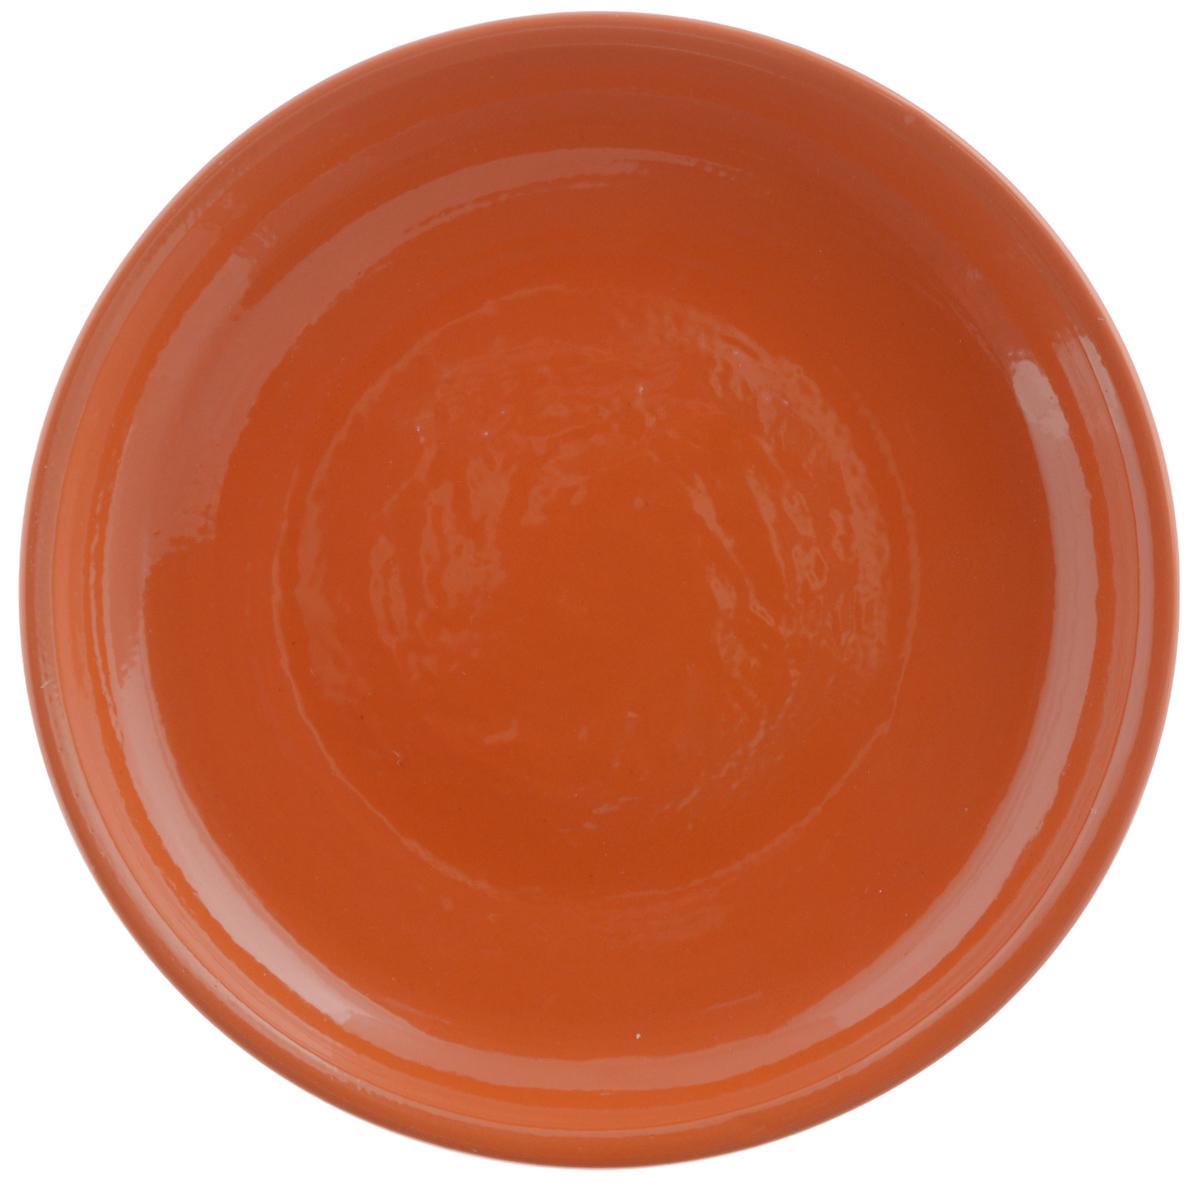 Тарелка Борисовская керамика Радуга, цвет: оранжевый, диаметр 18 см115510Тарелка Борисовская керамика Радуга выполнена из высококачественной керамики. Изделие идеально подойдет для сервировки стола и станет отличным подарком к любому празднику. Можно использовать в духовке и микроволновой печи.